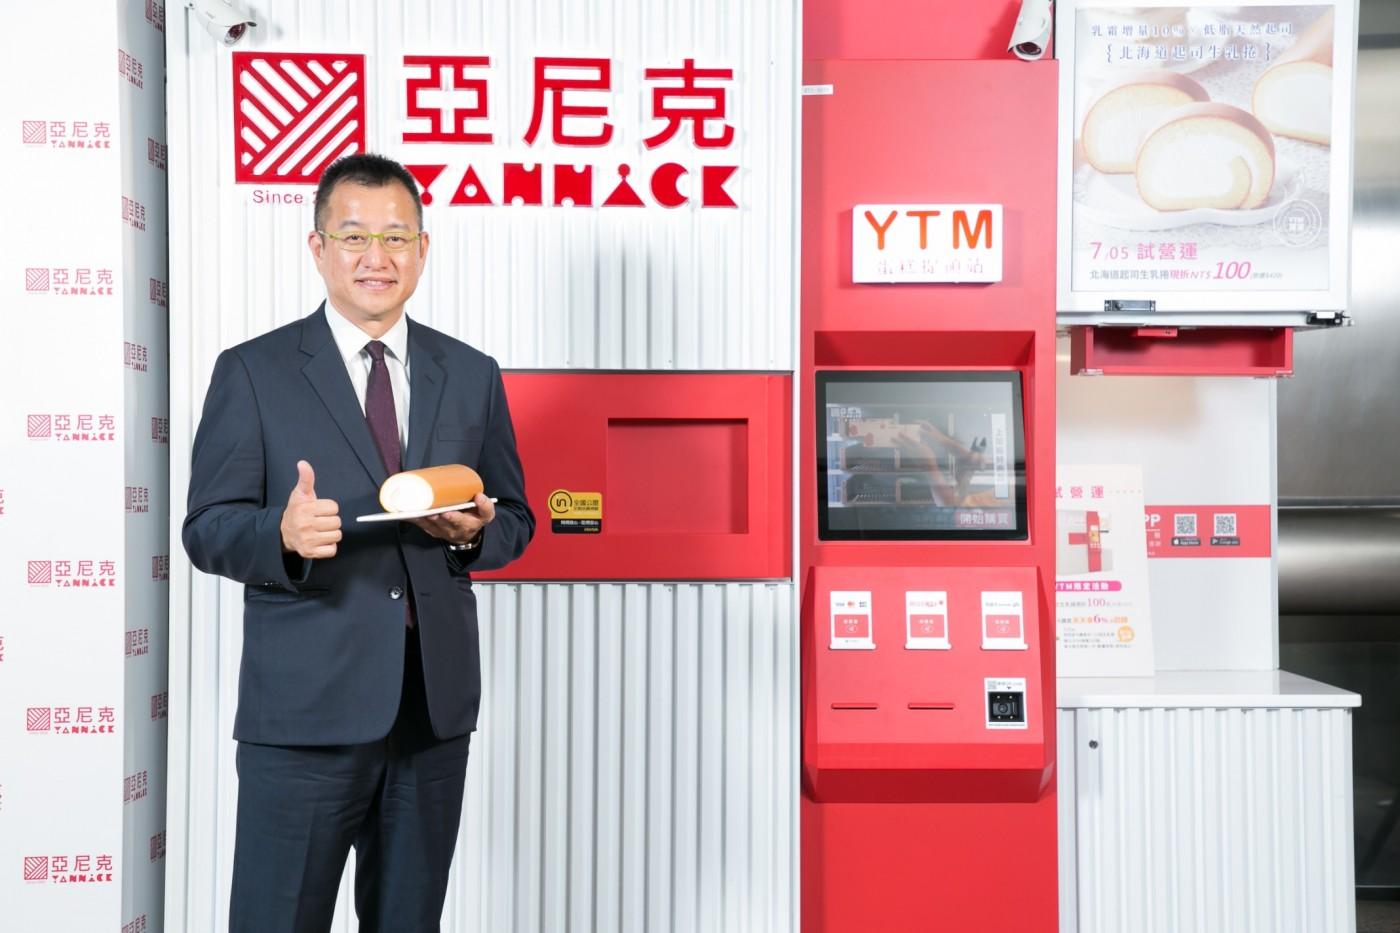 亞尼克豪氣發6個月年終、生乳捲賣破170萬條!為何要在捷運站繼續賣蛋糕?